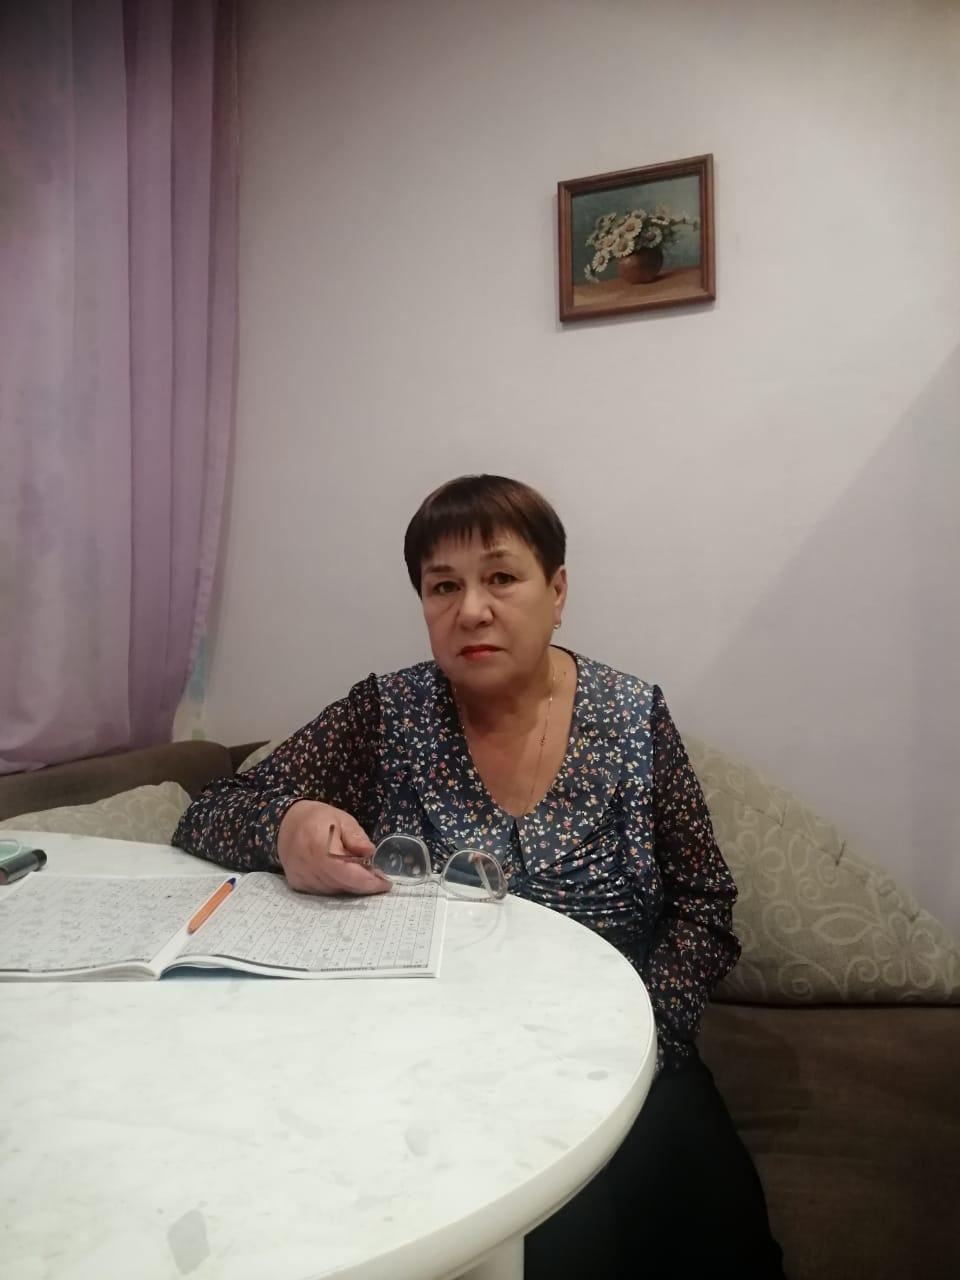 Новый поворот в жизни Ларисы Швецовой, как в известном советском фильме, начался после 40 лет.